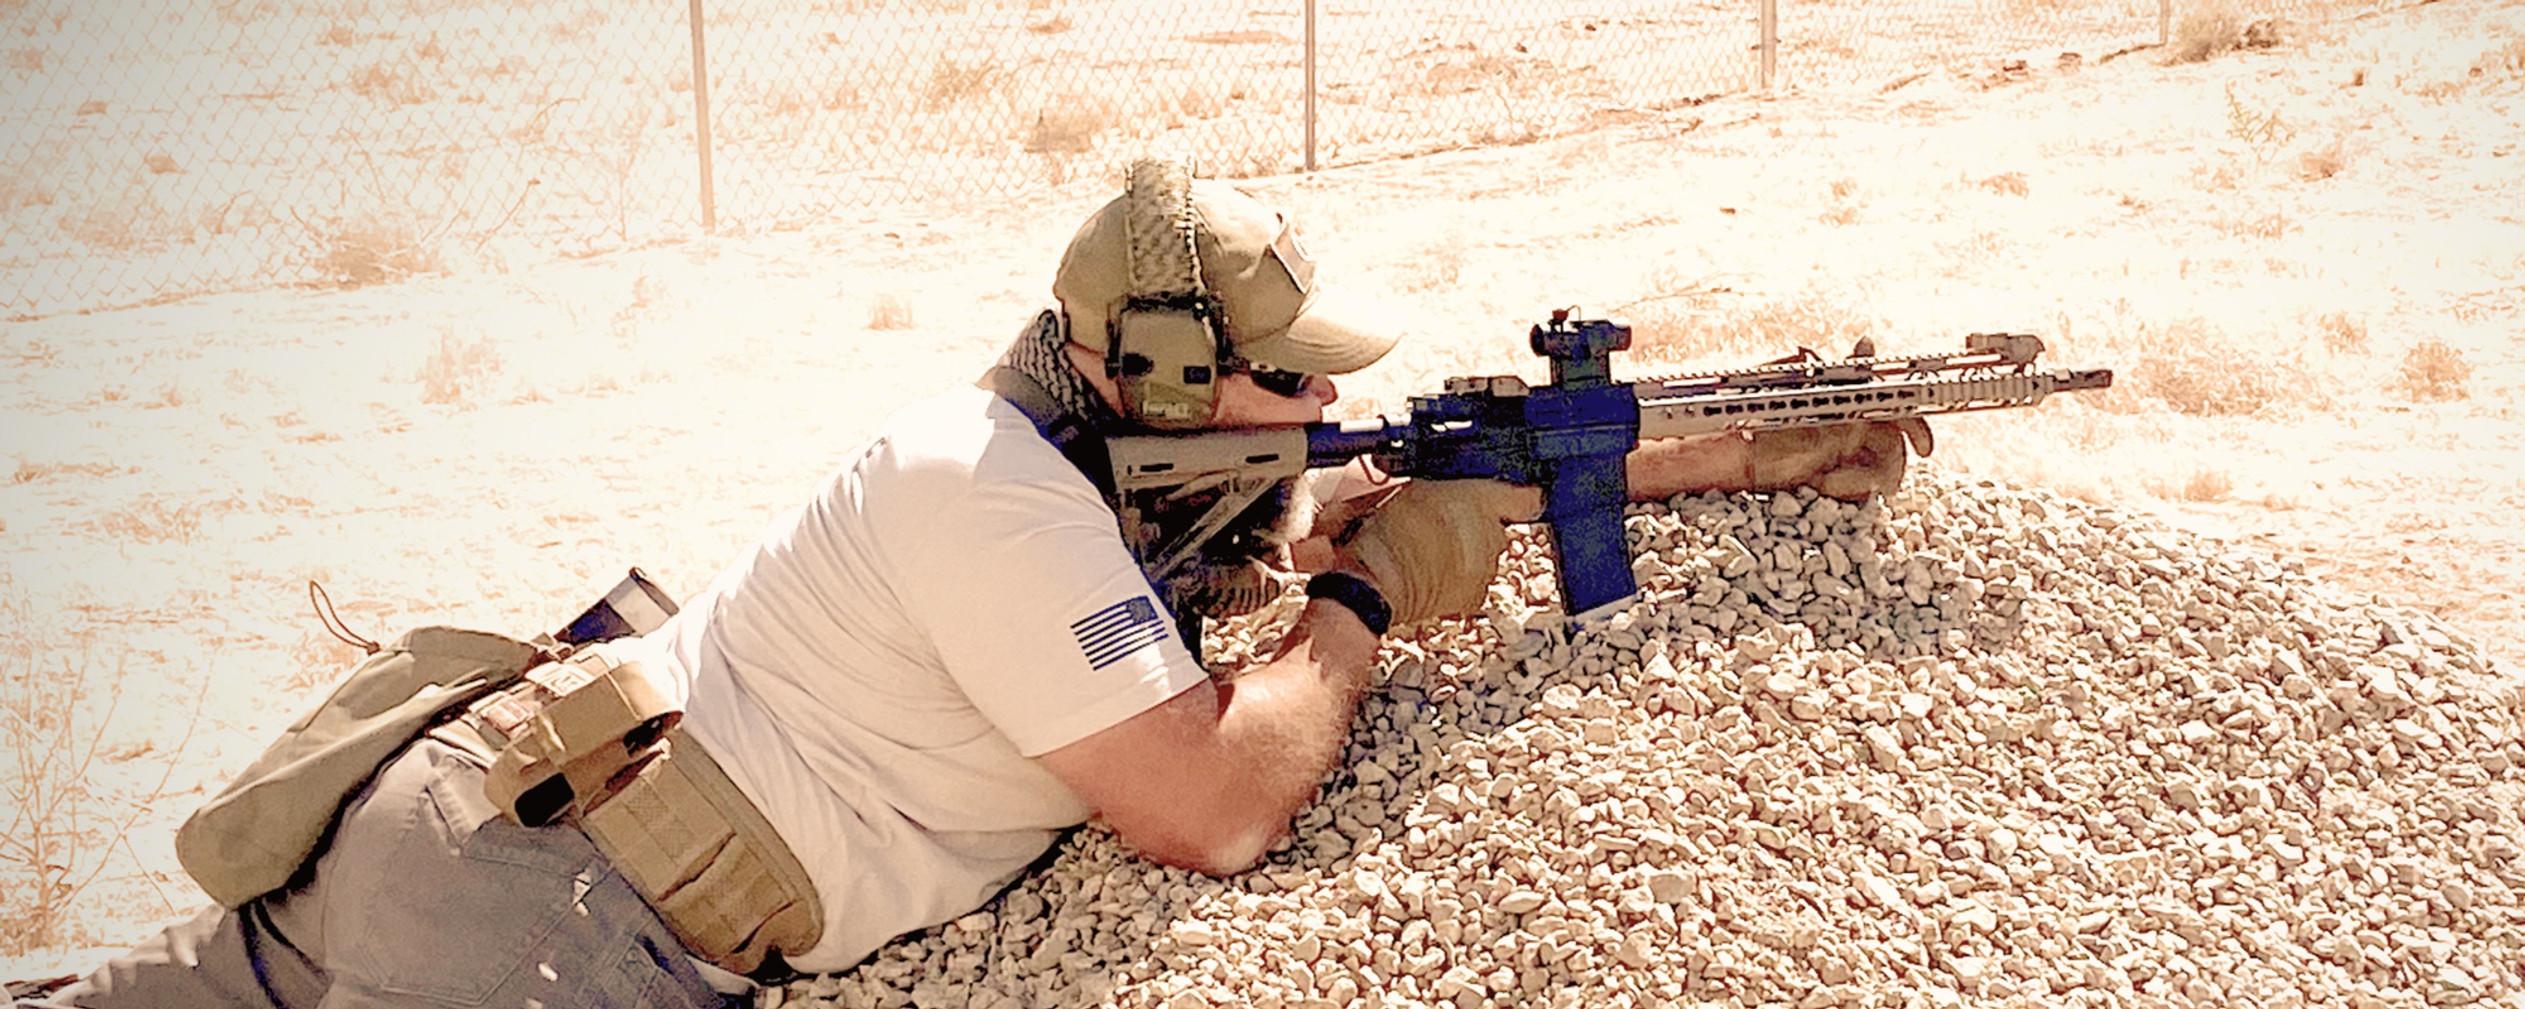 El Mirage Carbine Prone